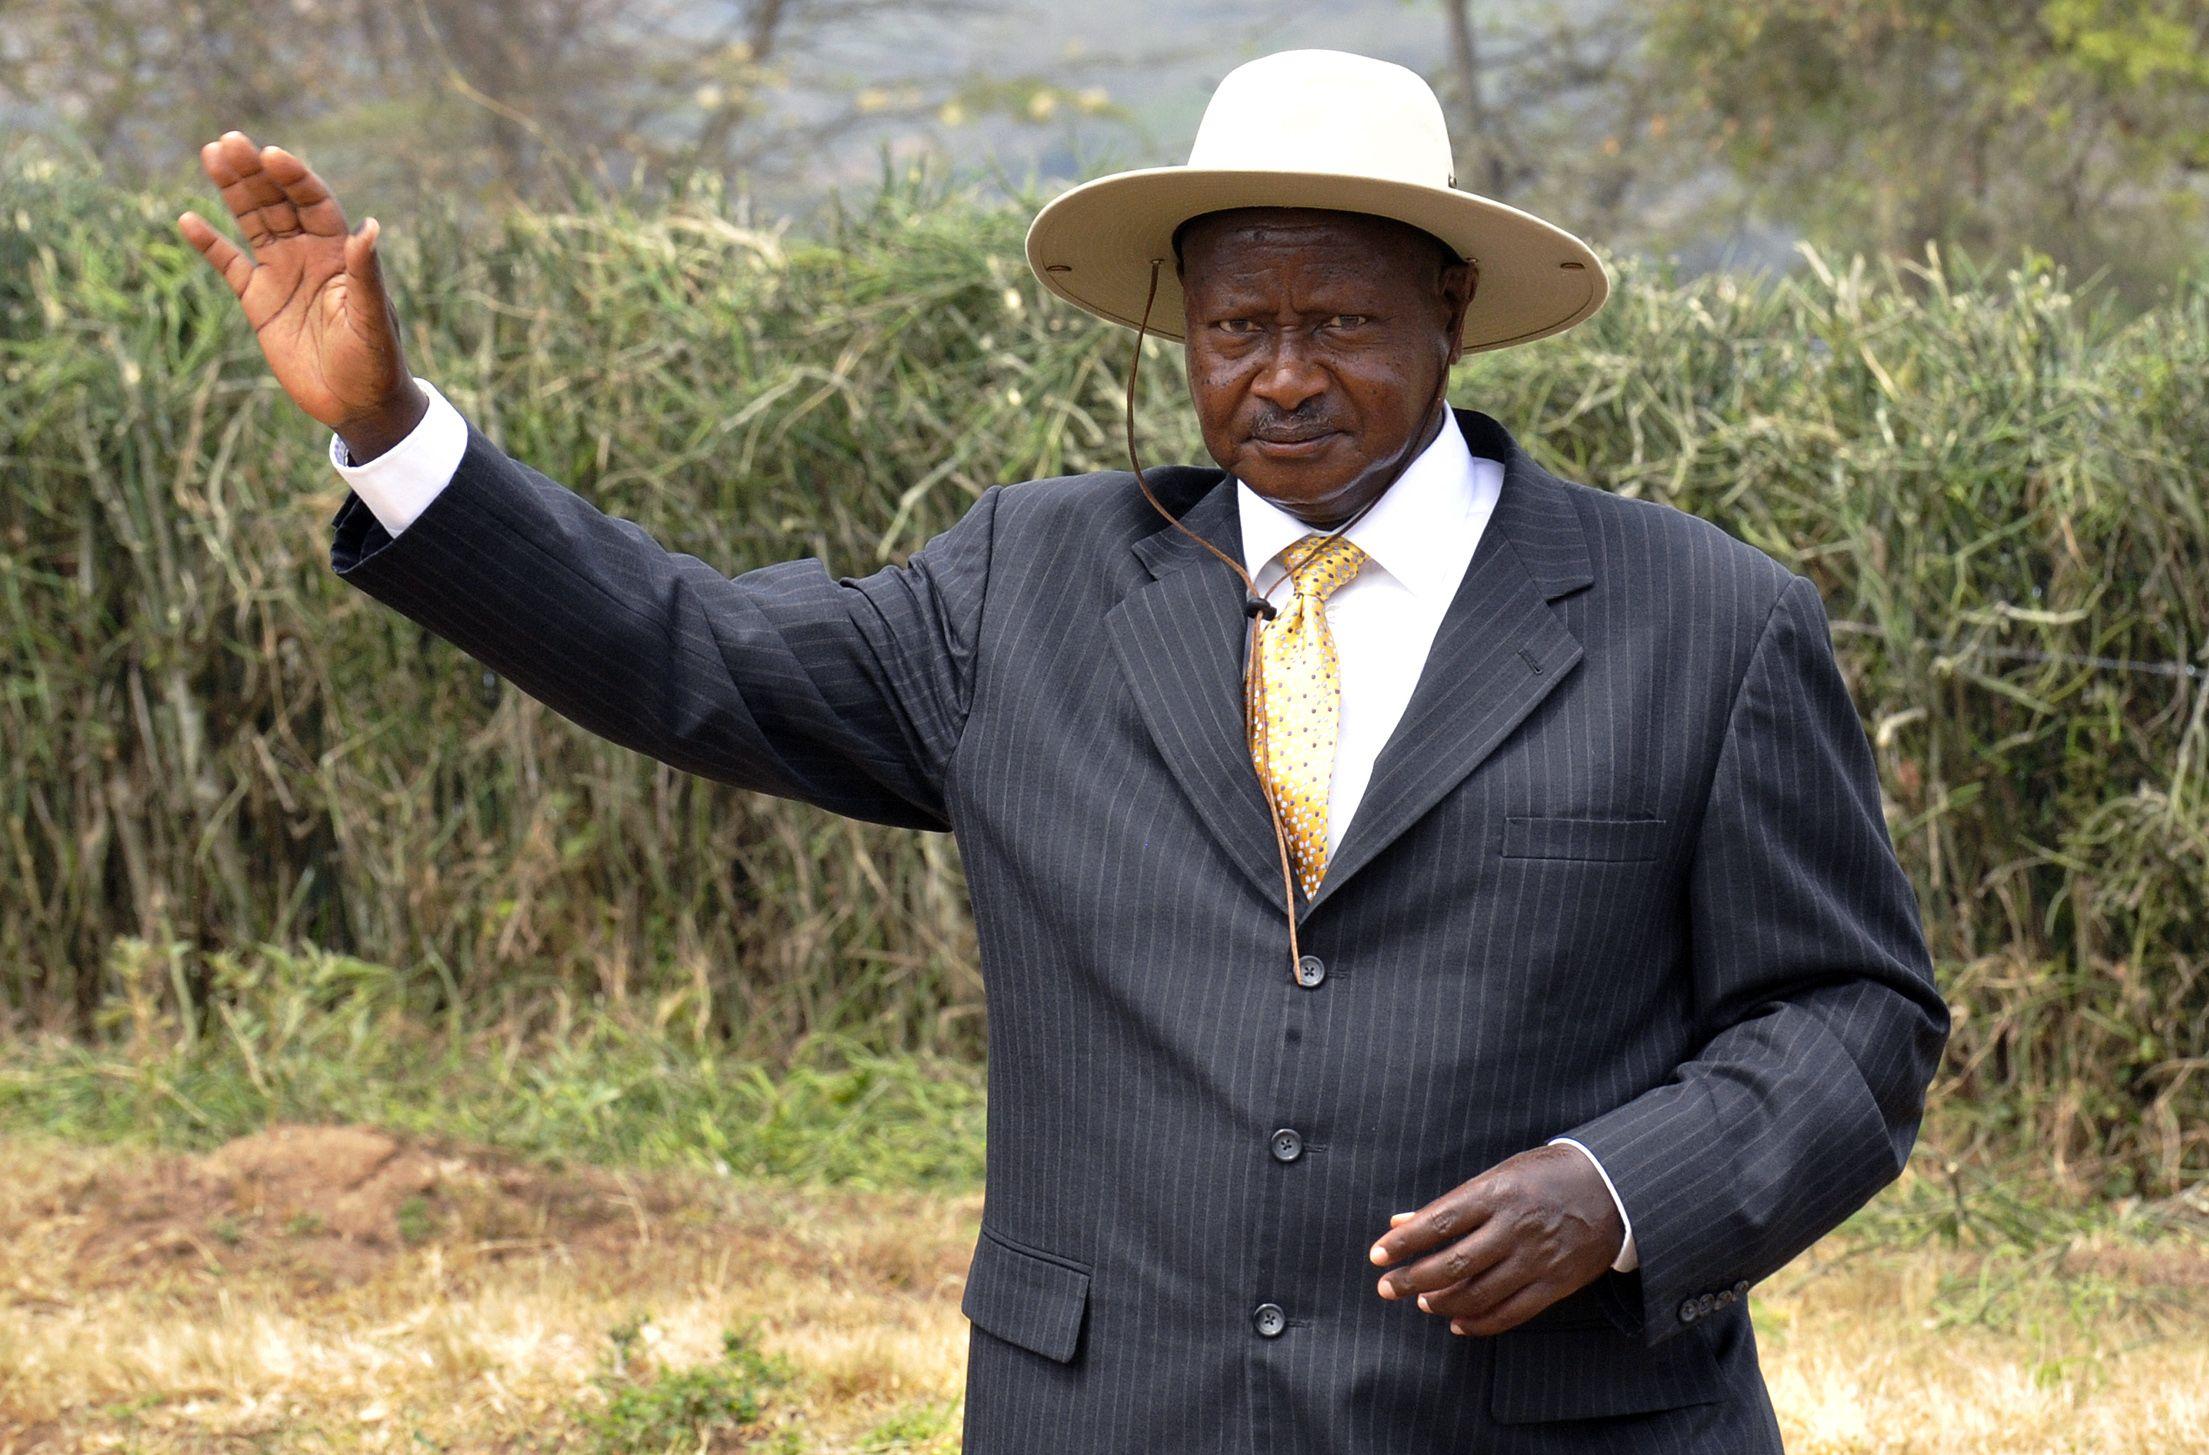 Museveni in 2011